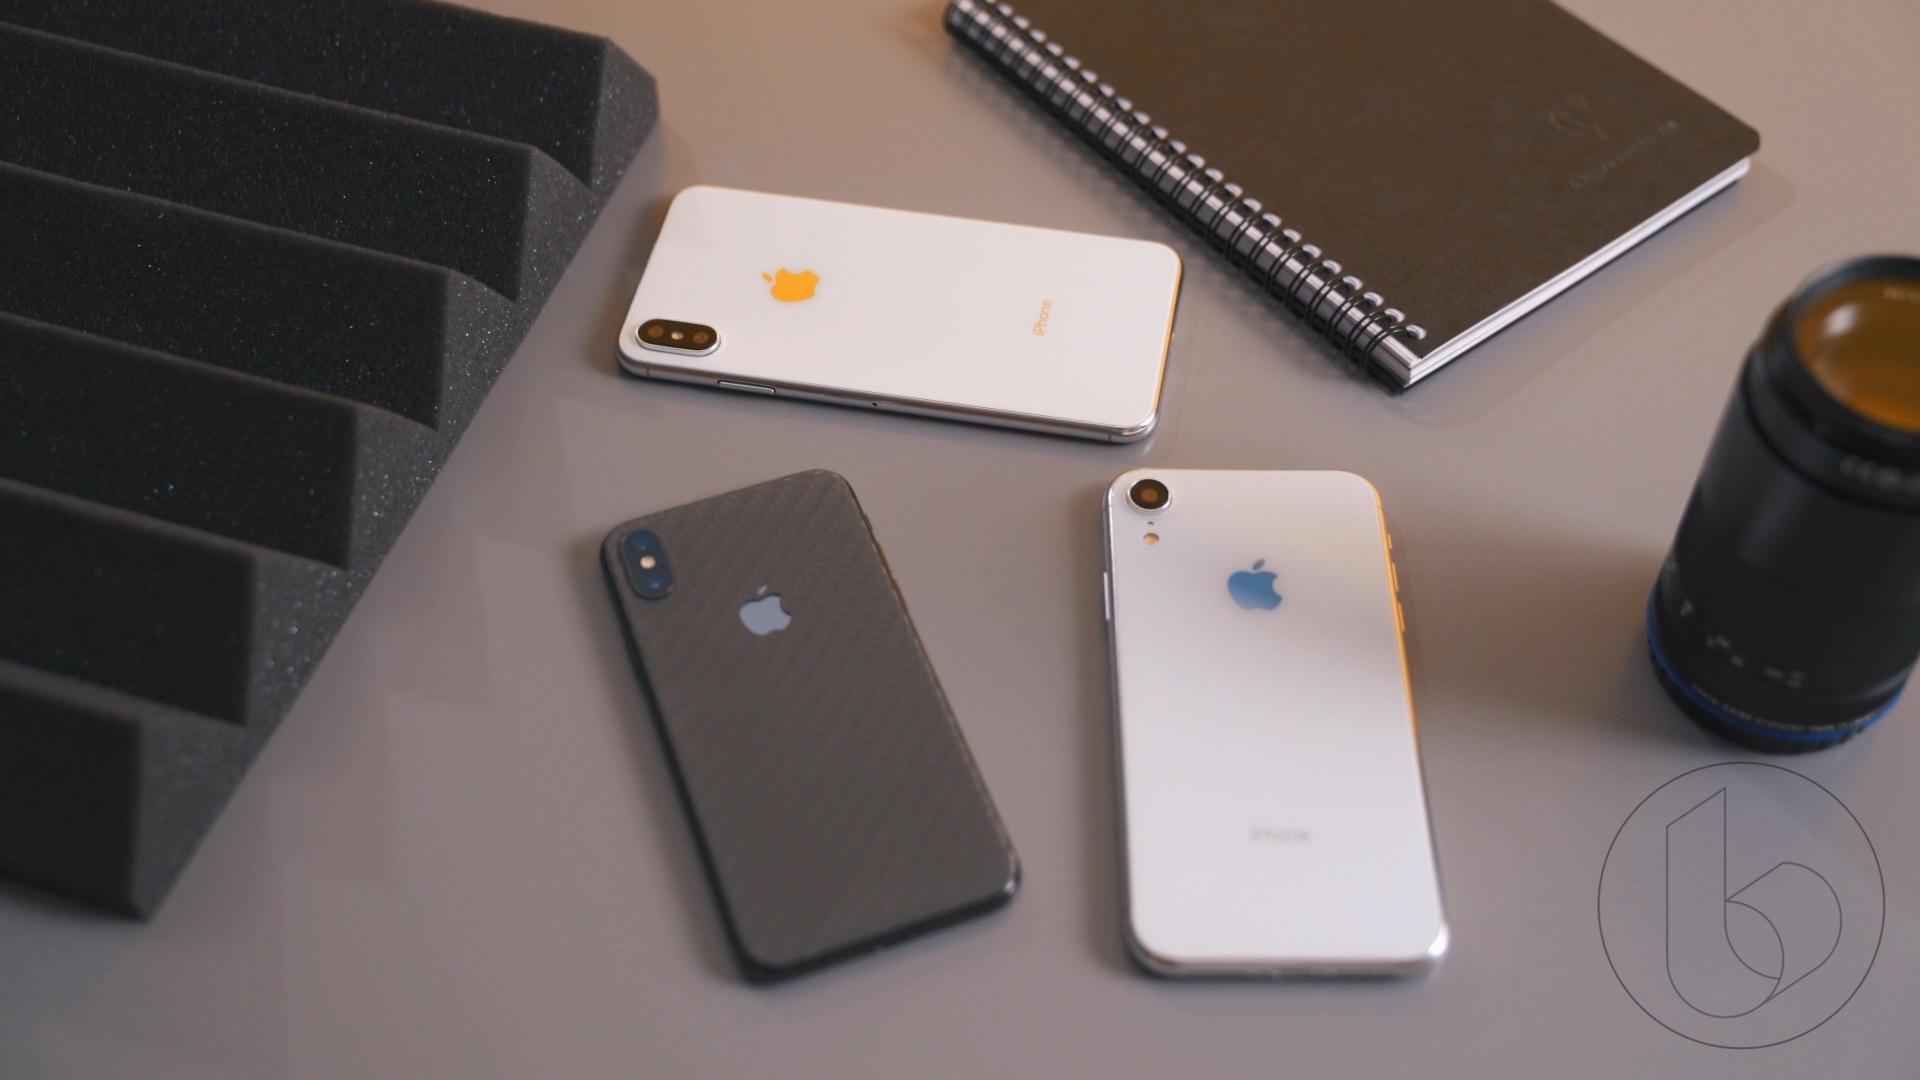 Năm nay, Apple được cho là sẽ trình làng ba chiếc iPhone mới với tên